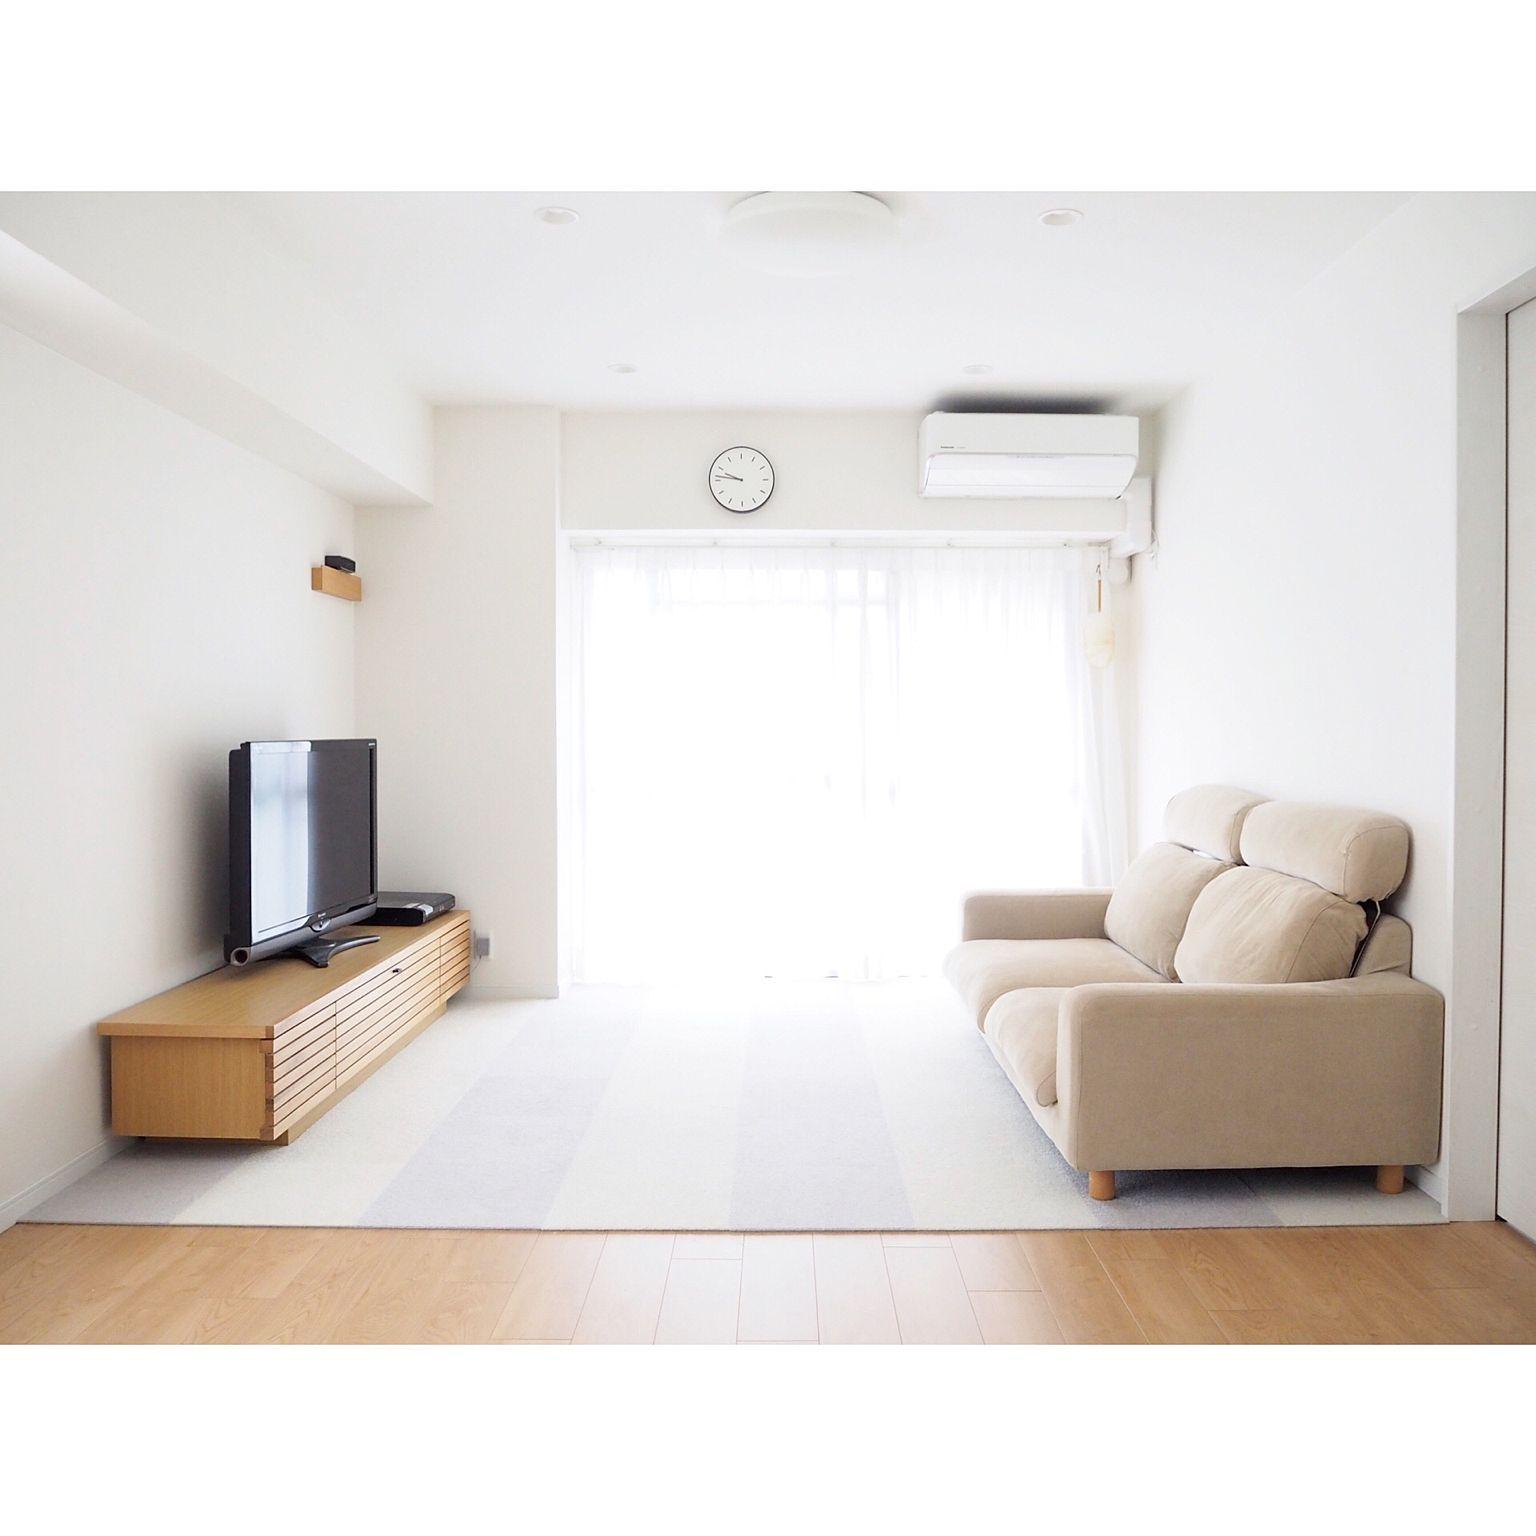 部屋全体 テレビボード テレビ台 ソファ リビングダイニング などのインテリア実例 2017 09 09 15 25 37 Roomclip ルームクリップ Home Decor Room Floor Chair